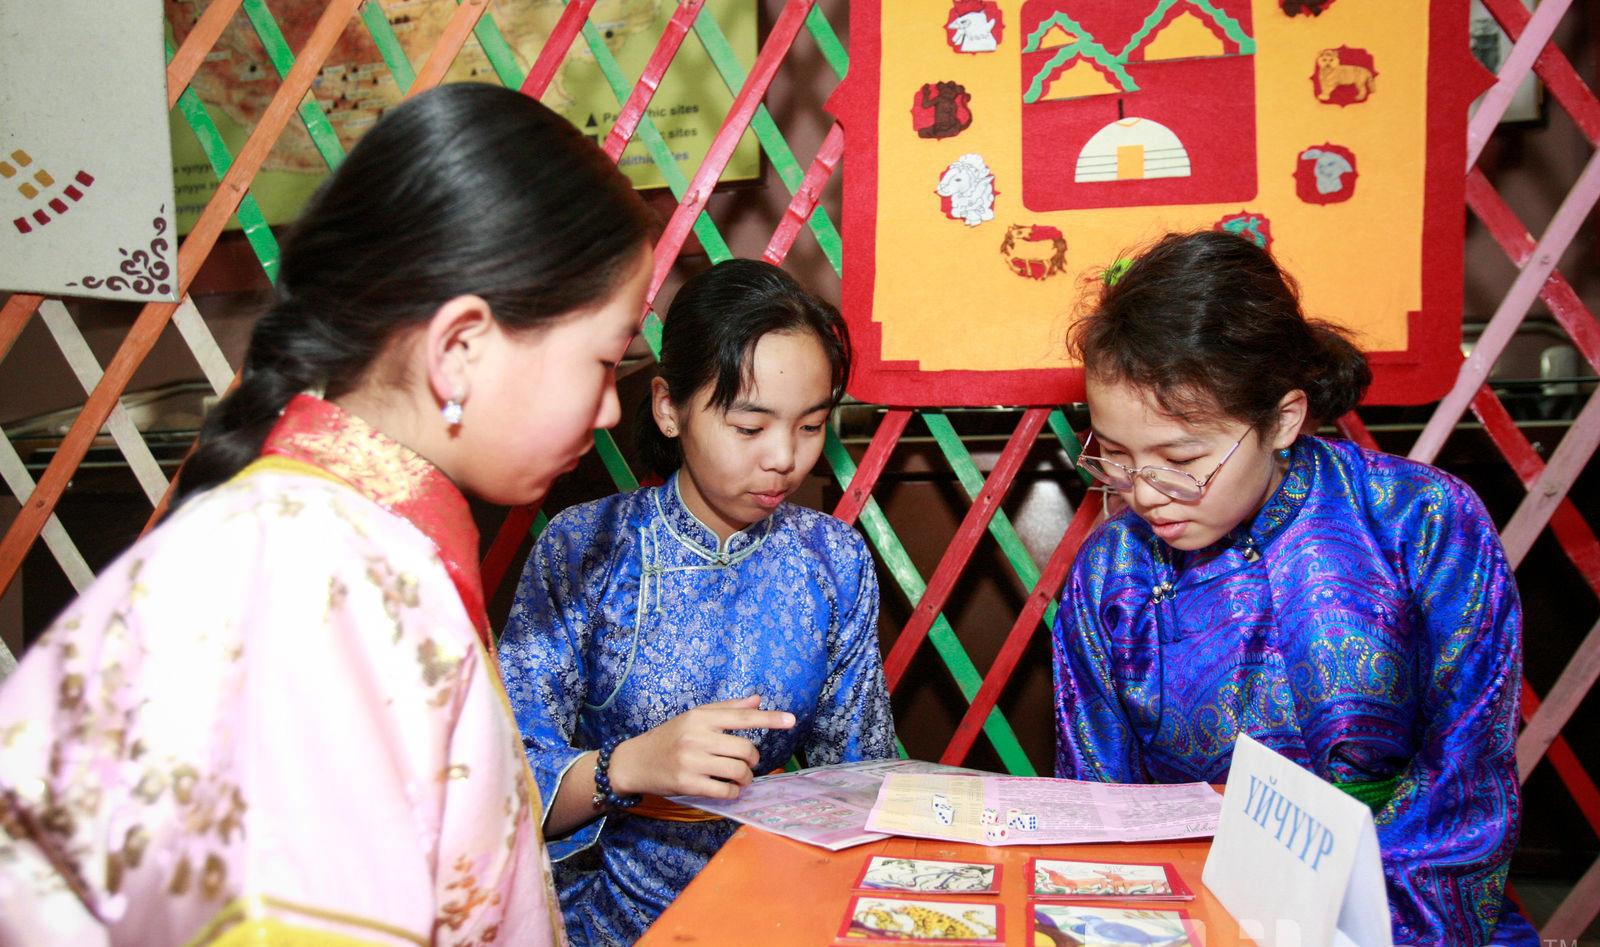 66666 ЕБС-ийн түүхийн хичээлийг Монголын үндэсний музейд анх удаа зохион байгууллаа